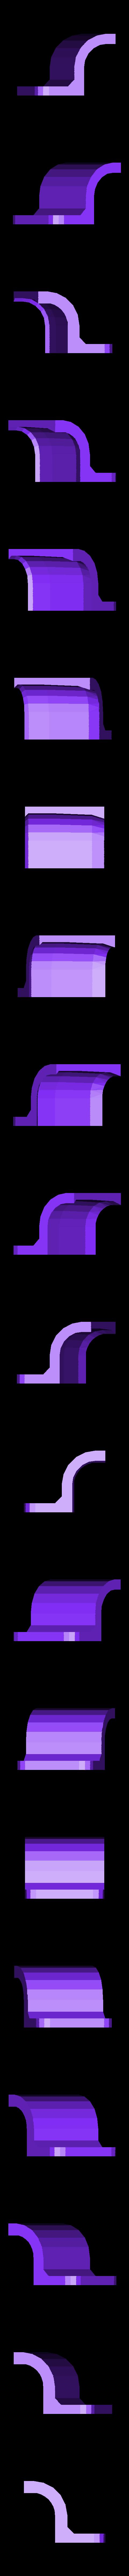 xtion_bracket_left.stl Télécharger fichier STL gratuit Support Asus Xtion pour TurtleBot • Design imprimable en 3D, Obenottr3D